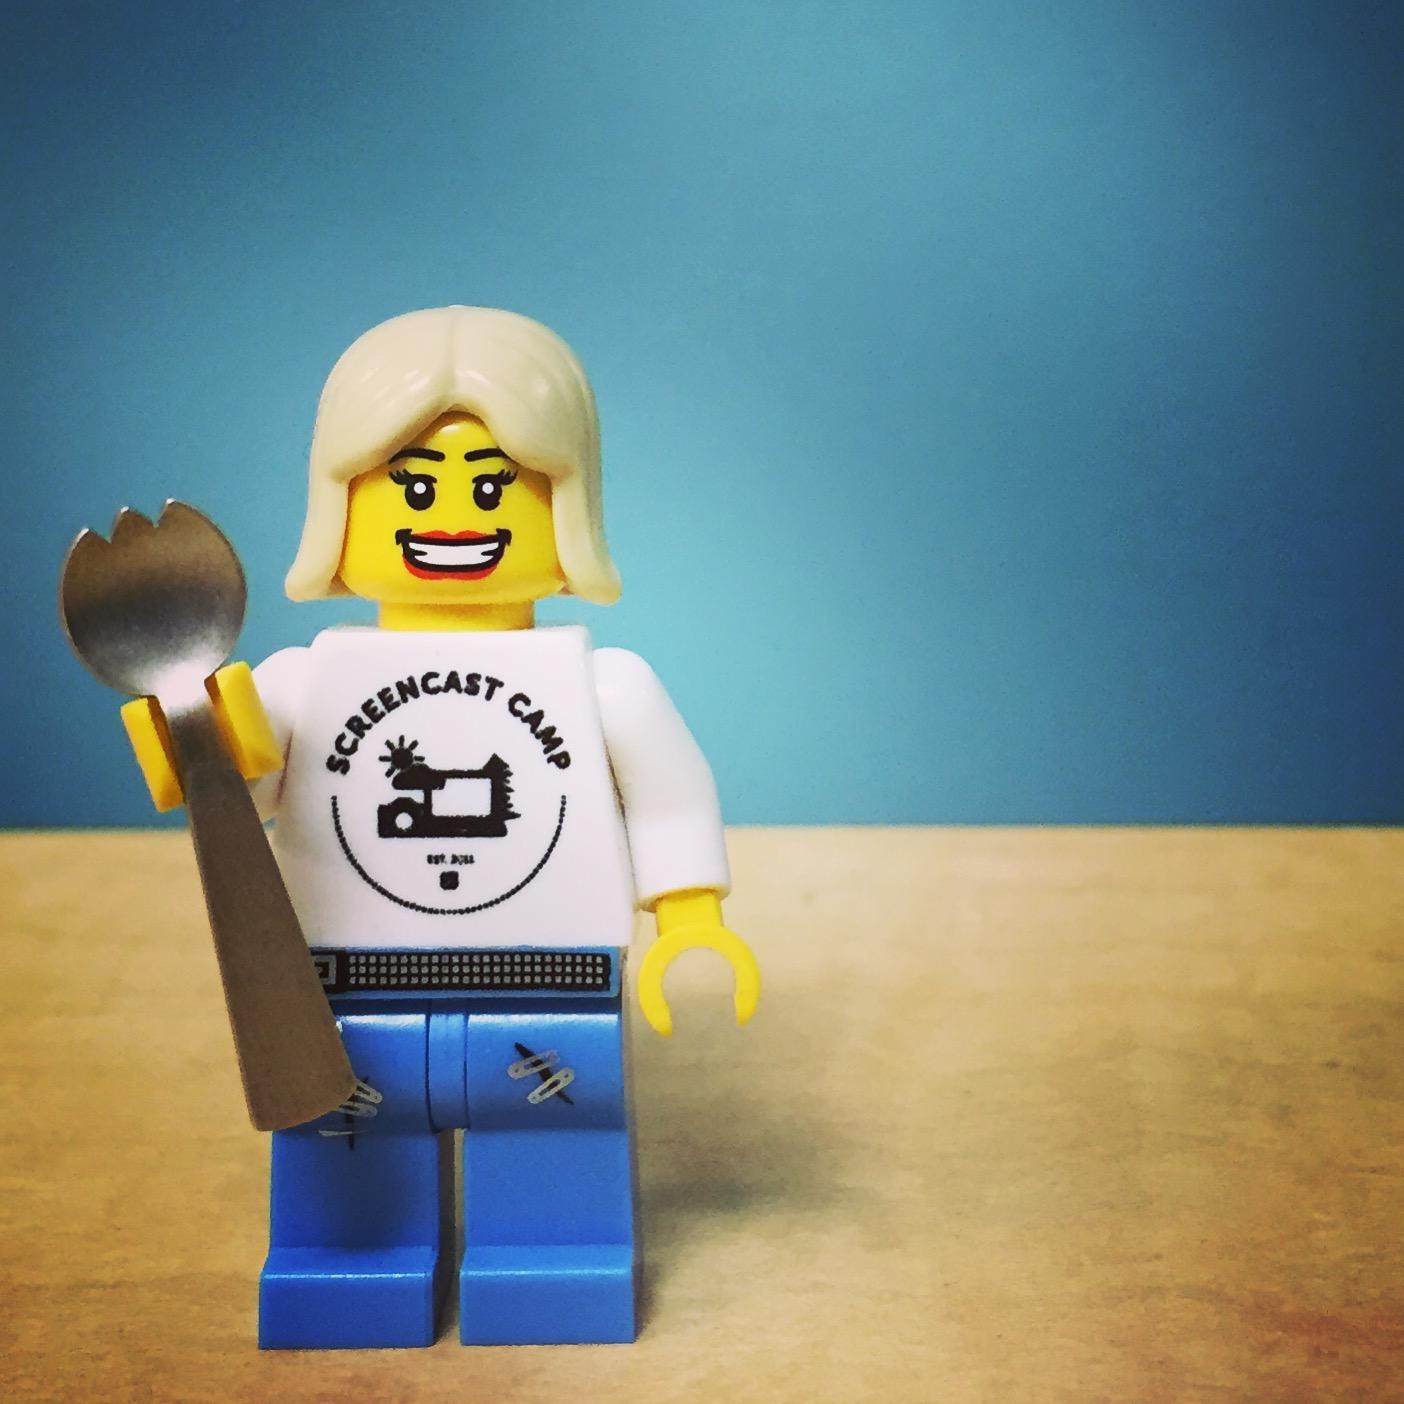 ScreencastCamp Lego